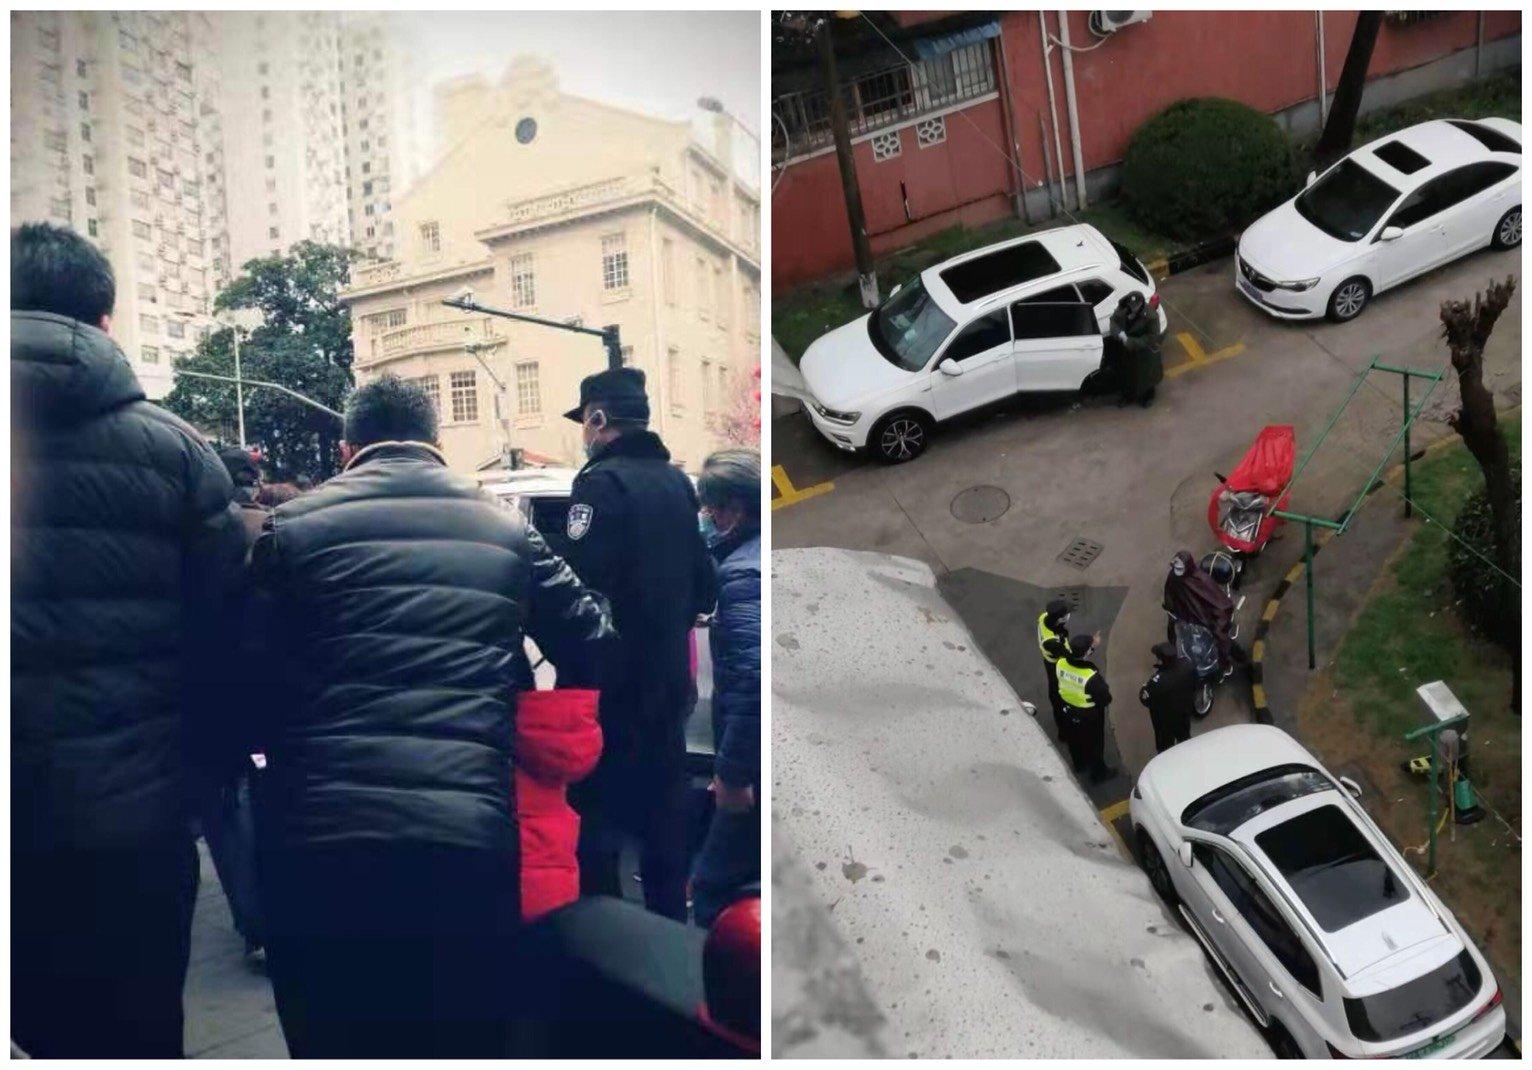 上海靜安區訪民2021年2月25日在區政府上訪被攔截後控制在家中,失去人身自由。(受訪者提供/大紀元合成)